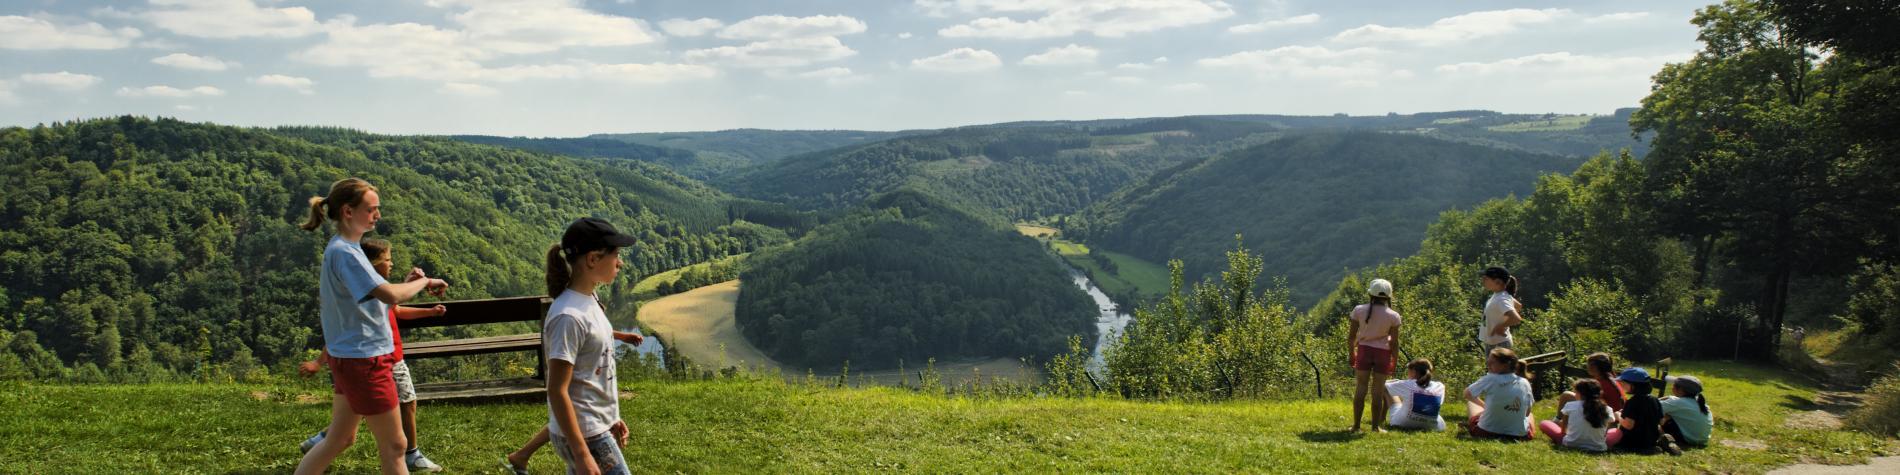 Botassart - panorama - Tombeau du Géant